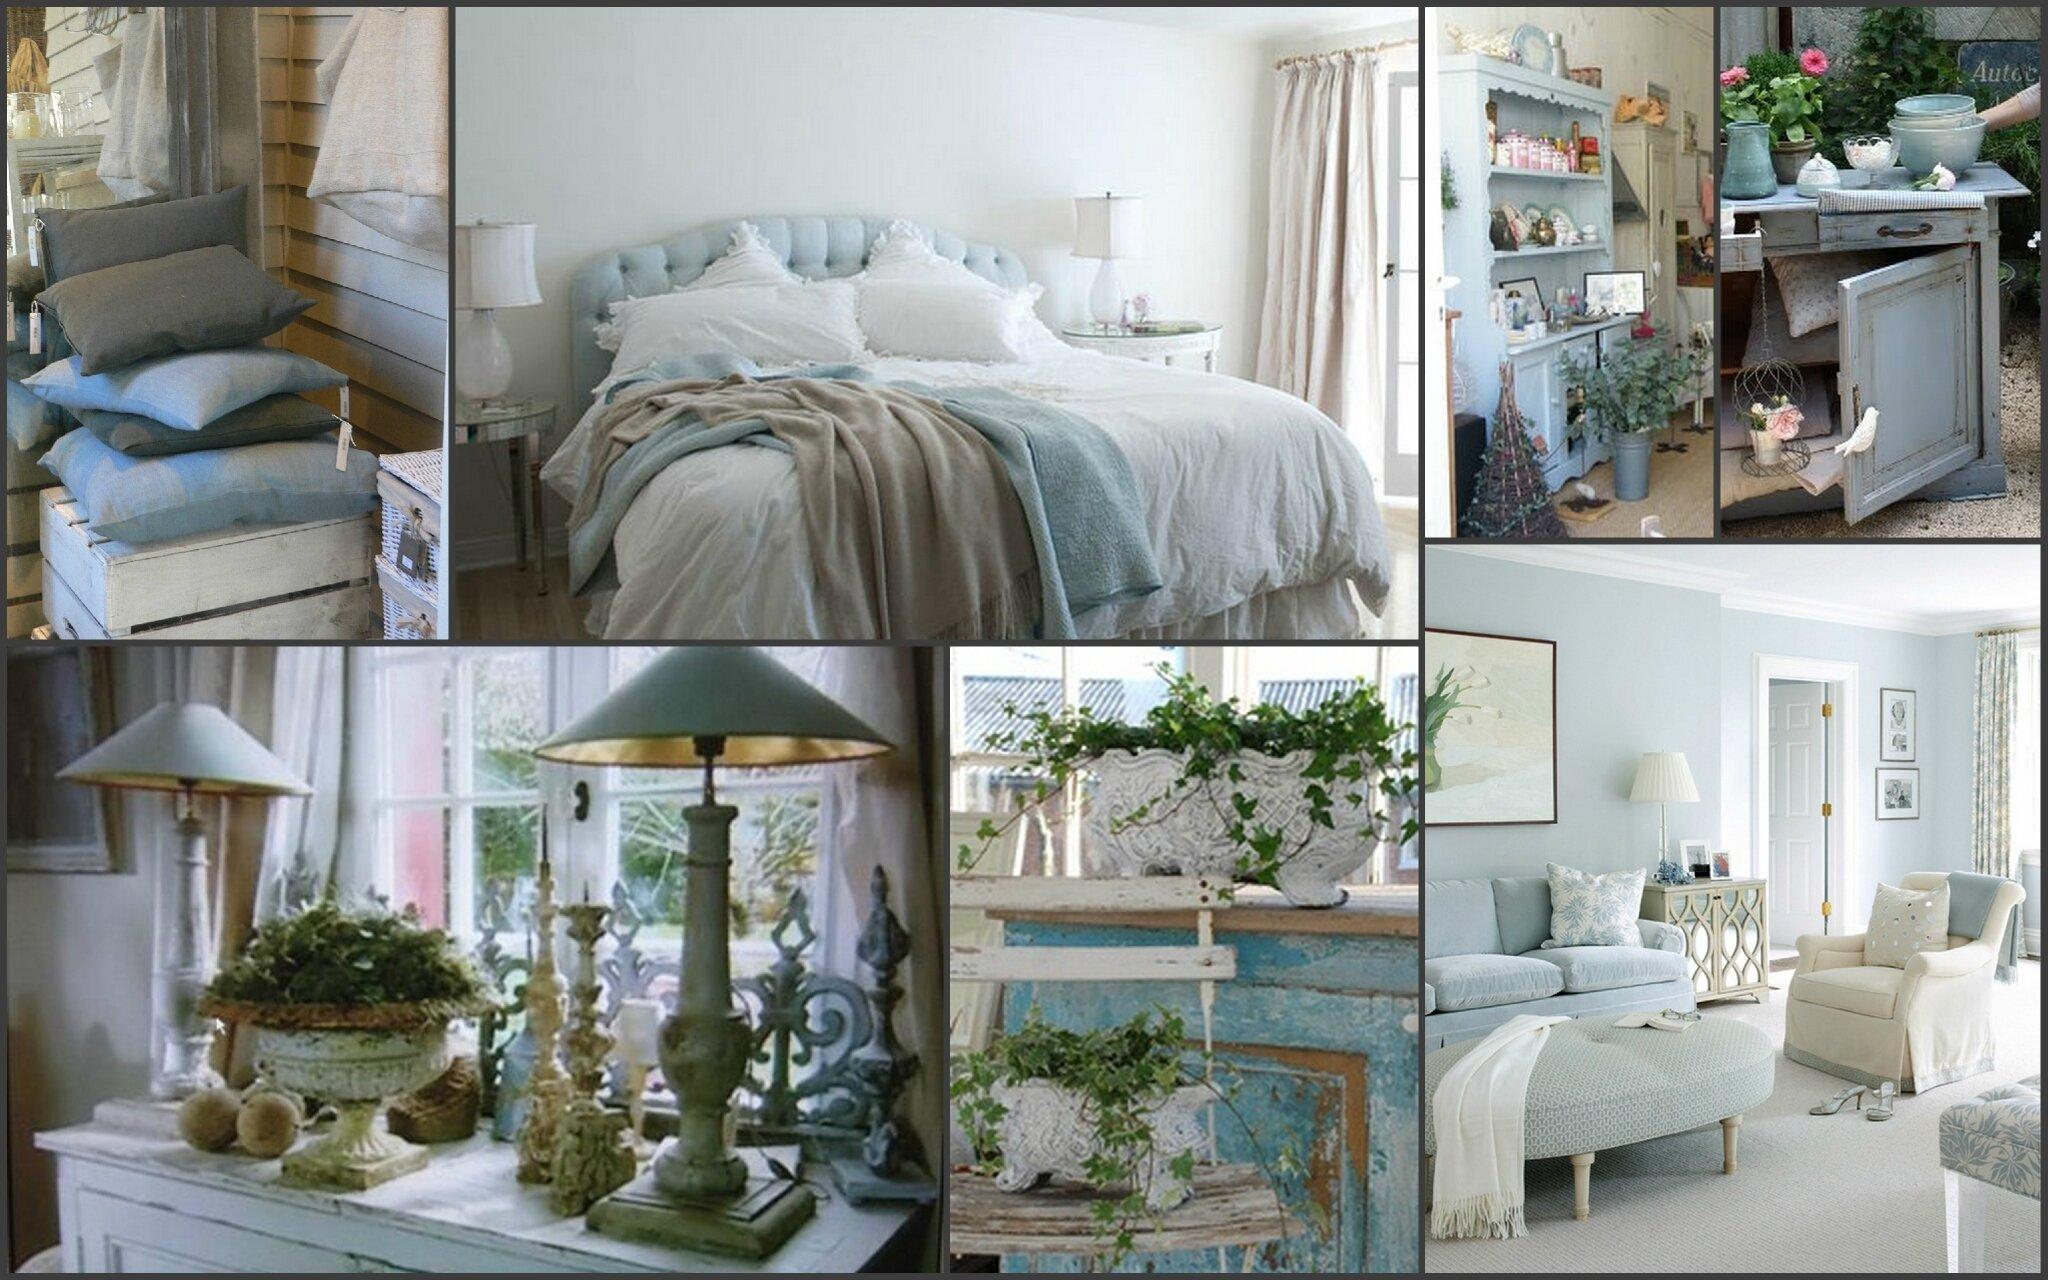 Le bleu dans la d coration une fee d 39 hiver for Deco appartement hiver